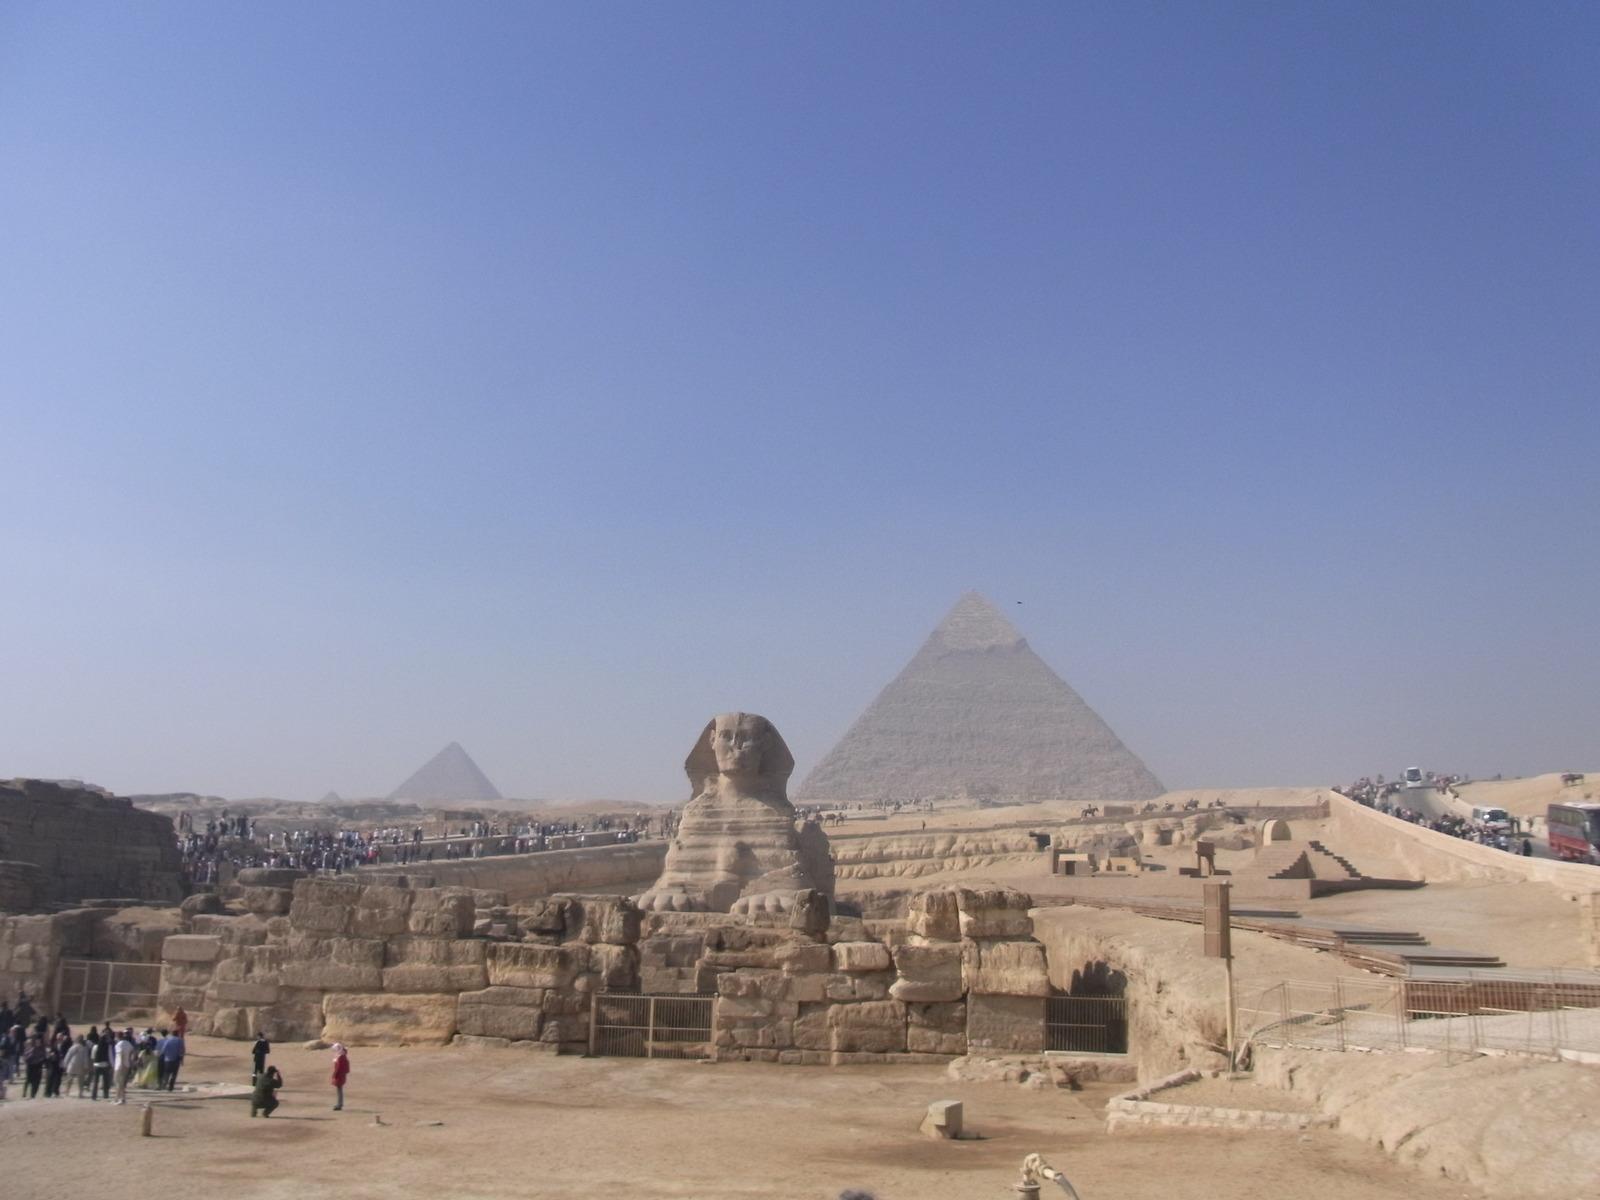 と良くあるエジプトの写真、